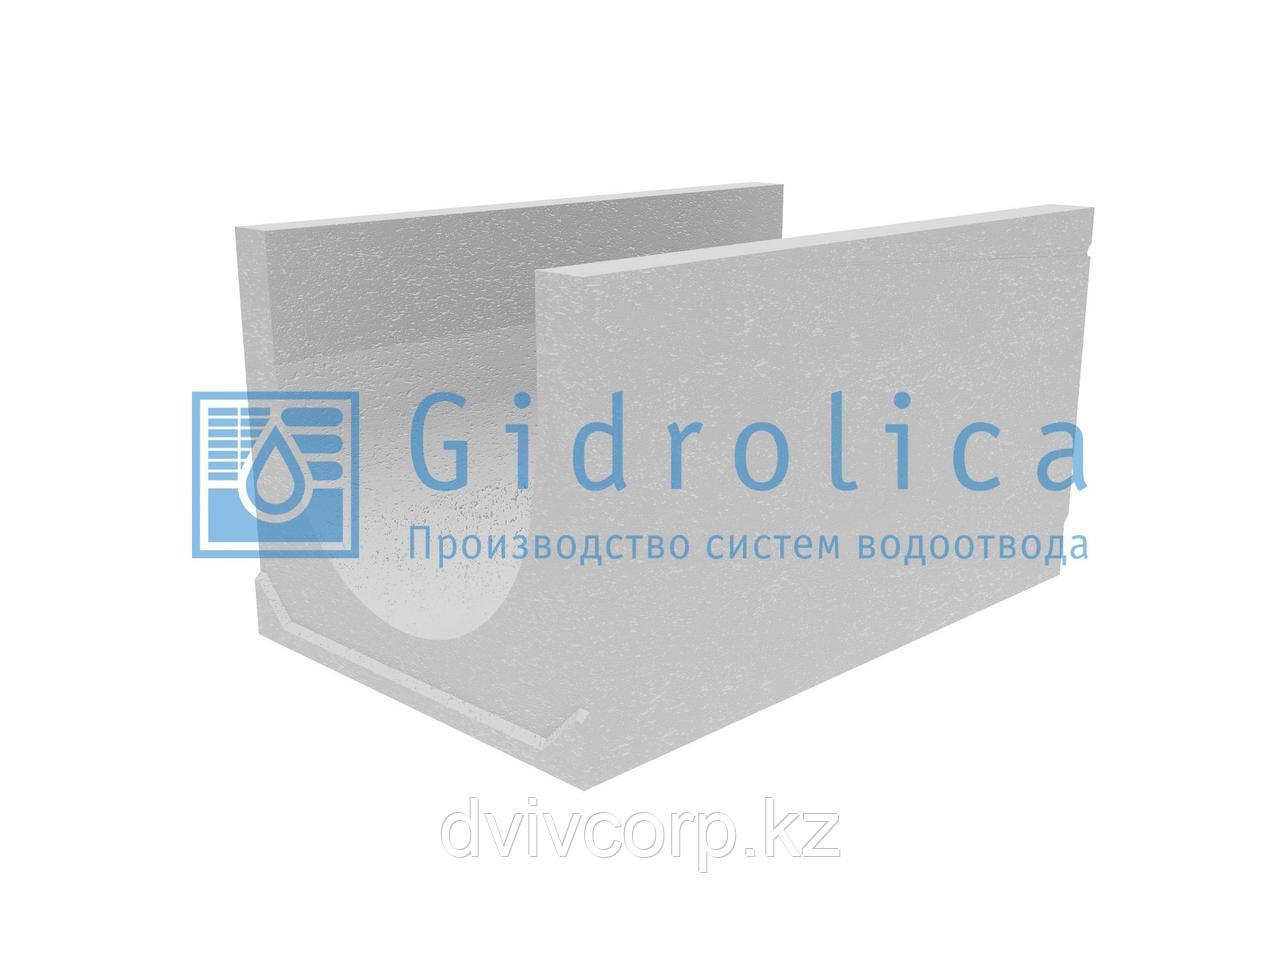 Лоток водоотводный бетонный коробчатый (СО-500мм), с уклоном 0,5%  КUу 100.65(50).56(47) - BGU-XL, № 22